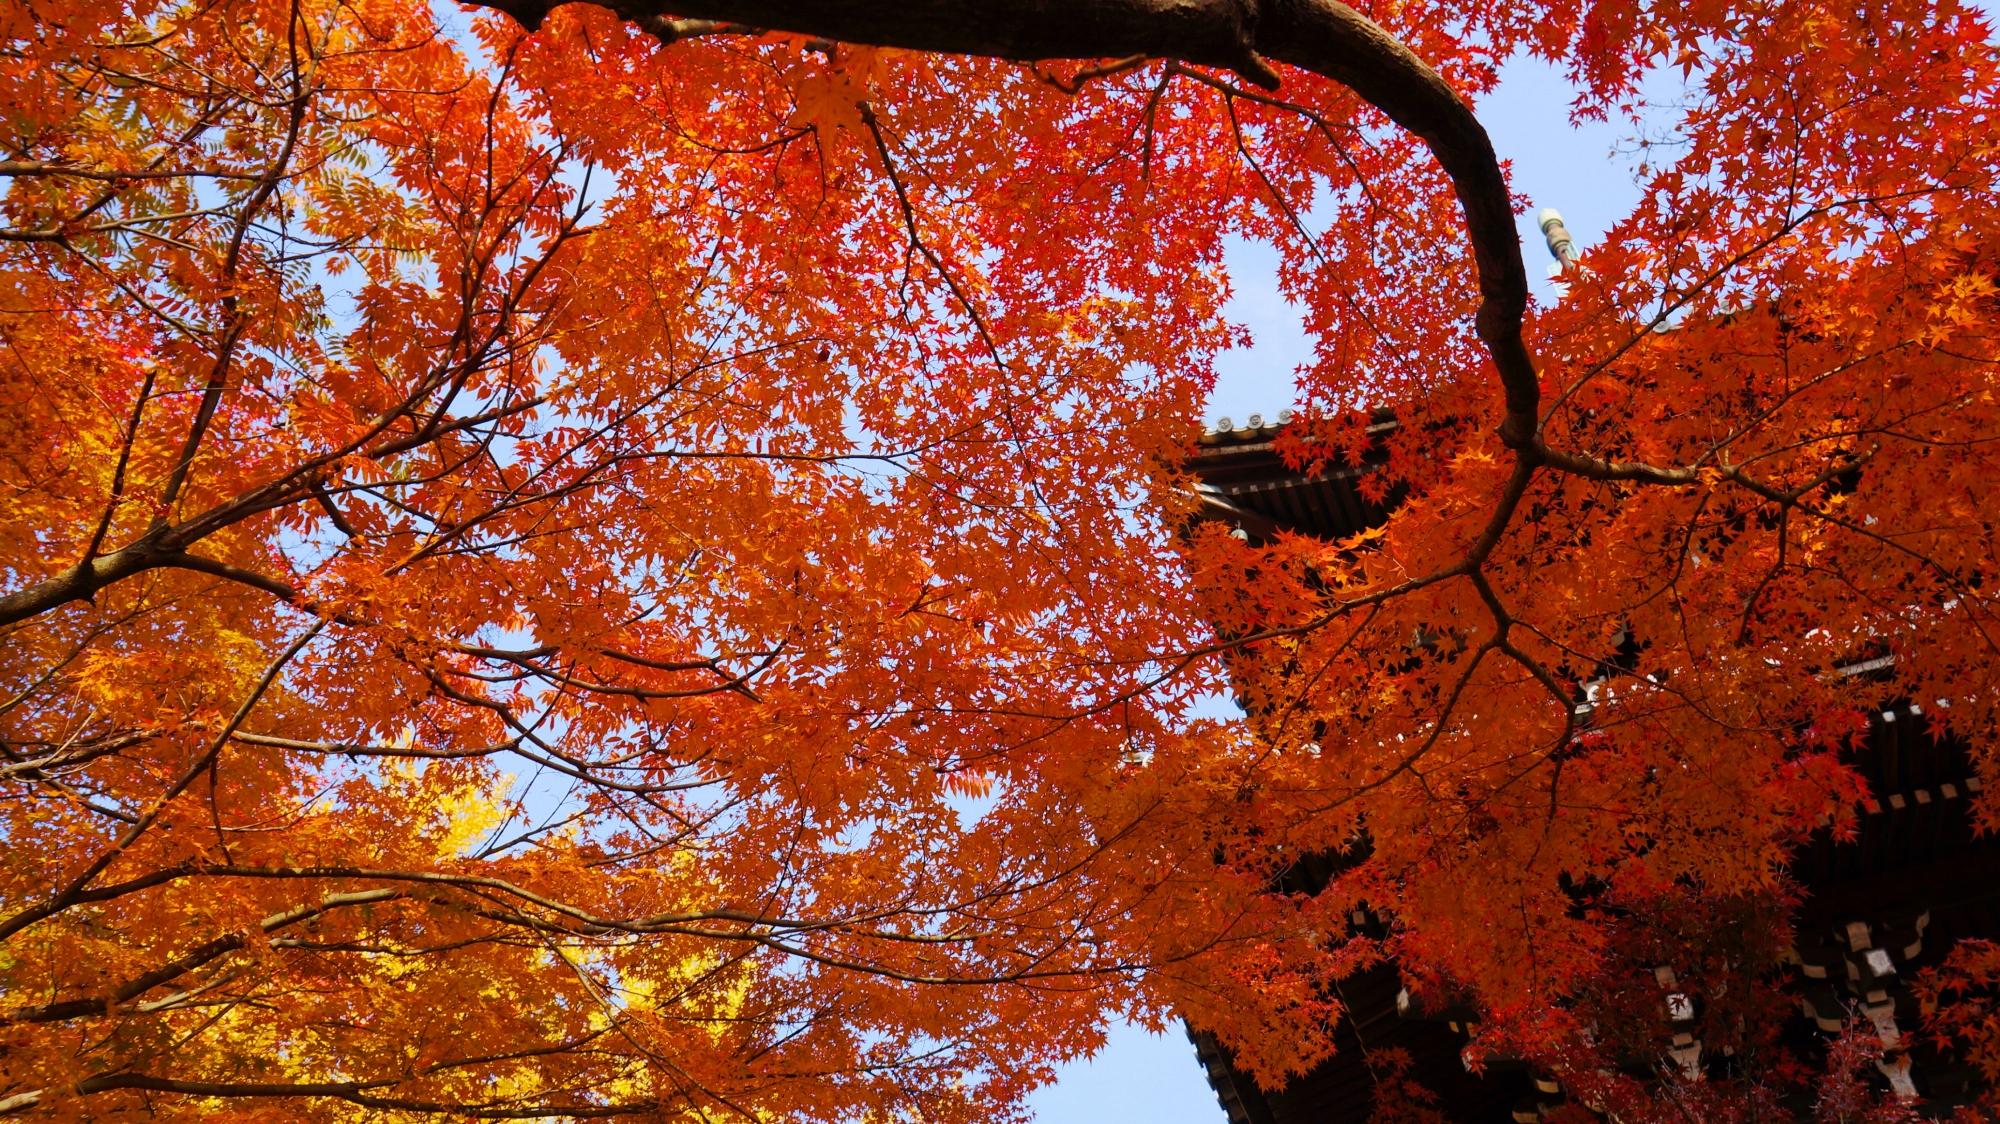 秋色の天井を作る立派な紅葉